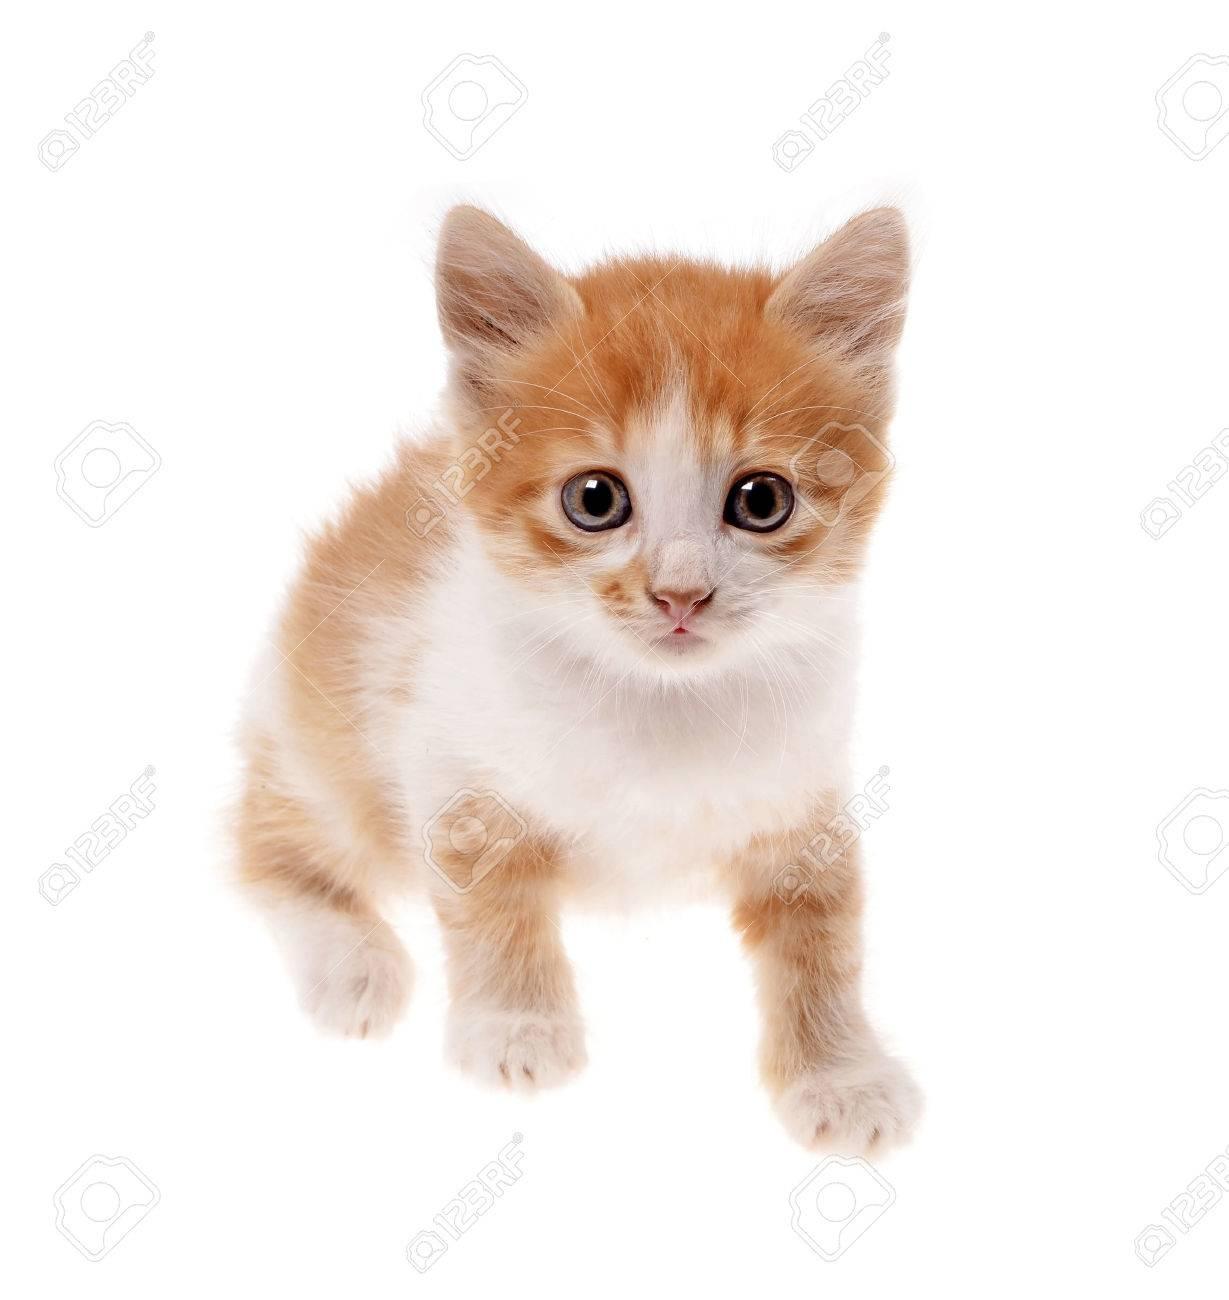 Un Pequeño Gatito De Color Naranja Sobre Un Fondo Blanco Fotos ...